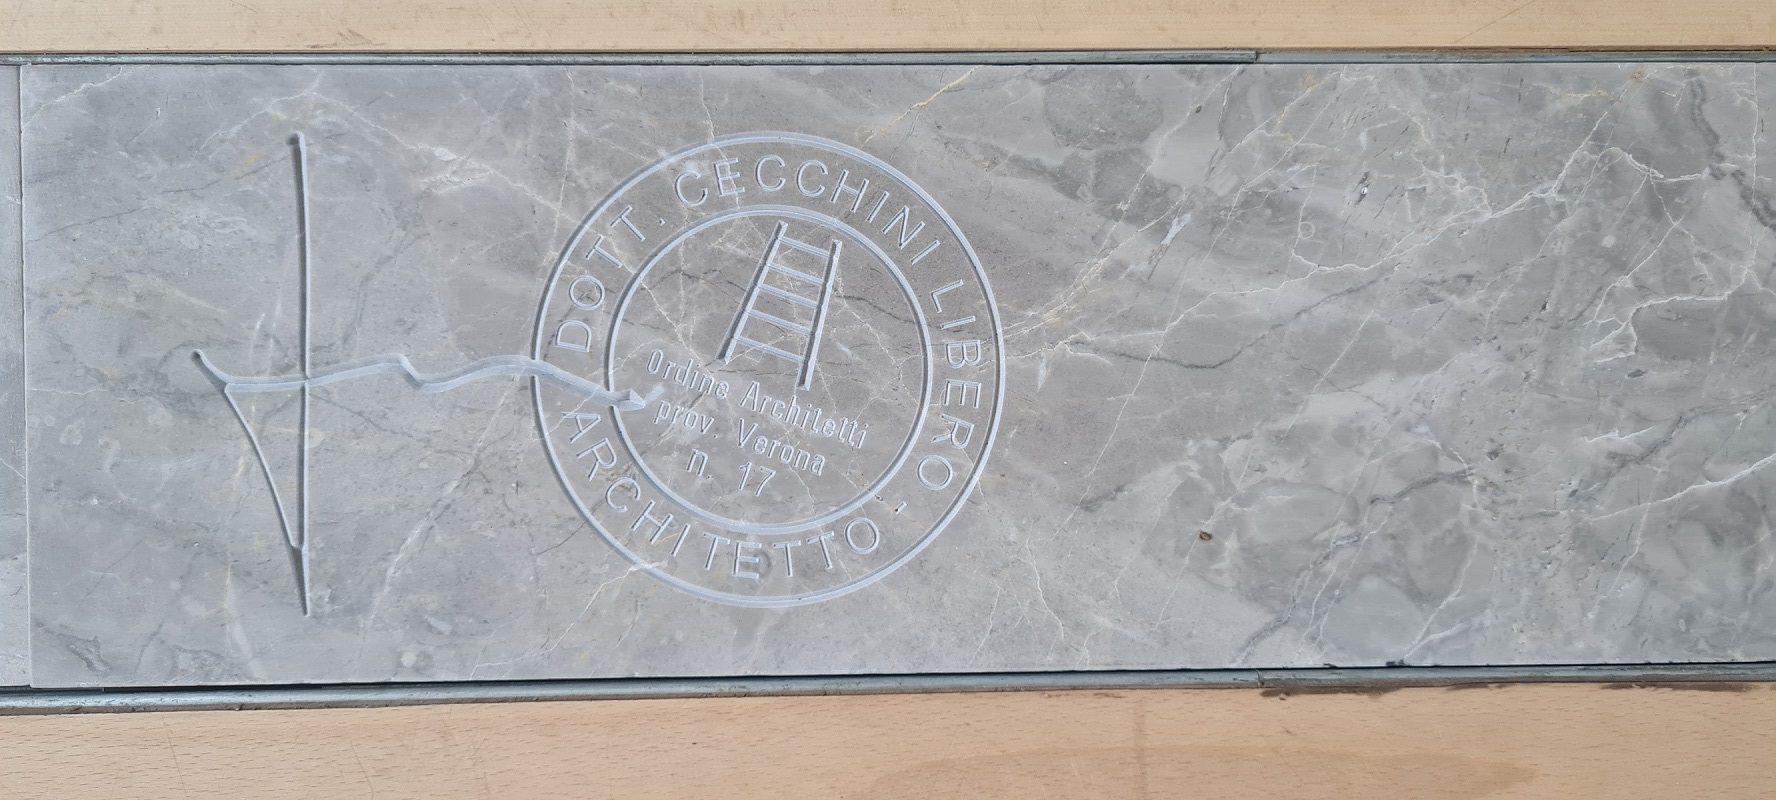 ordine architetti firma libero cecchini